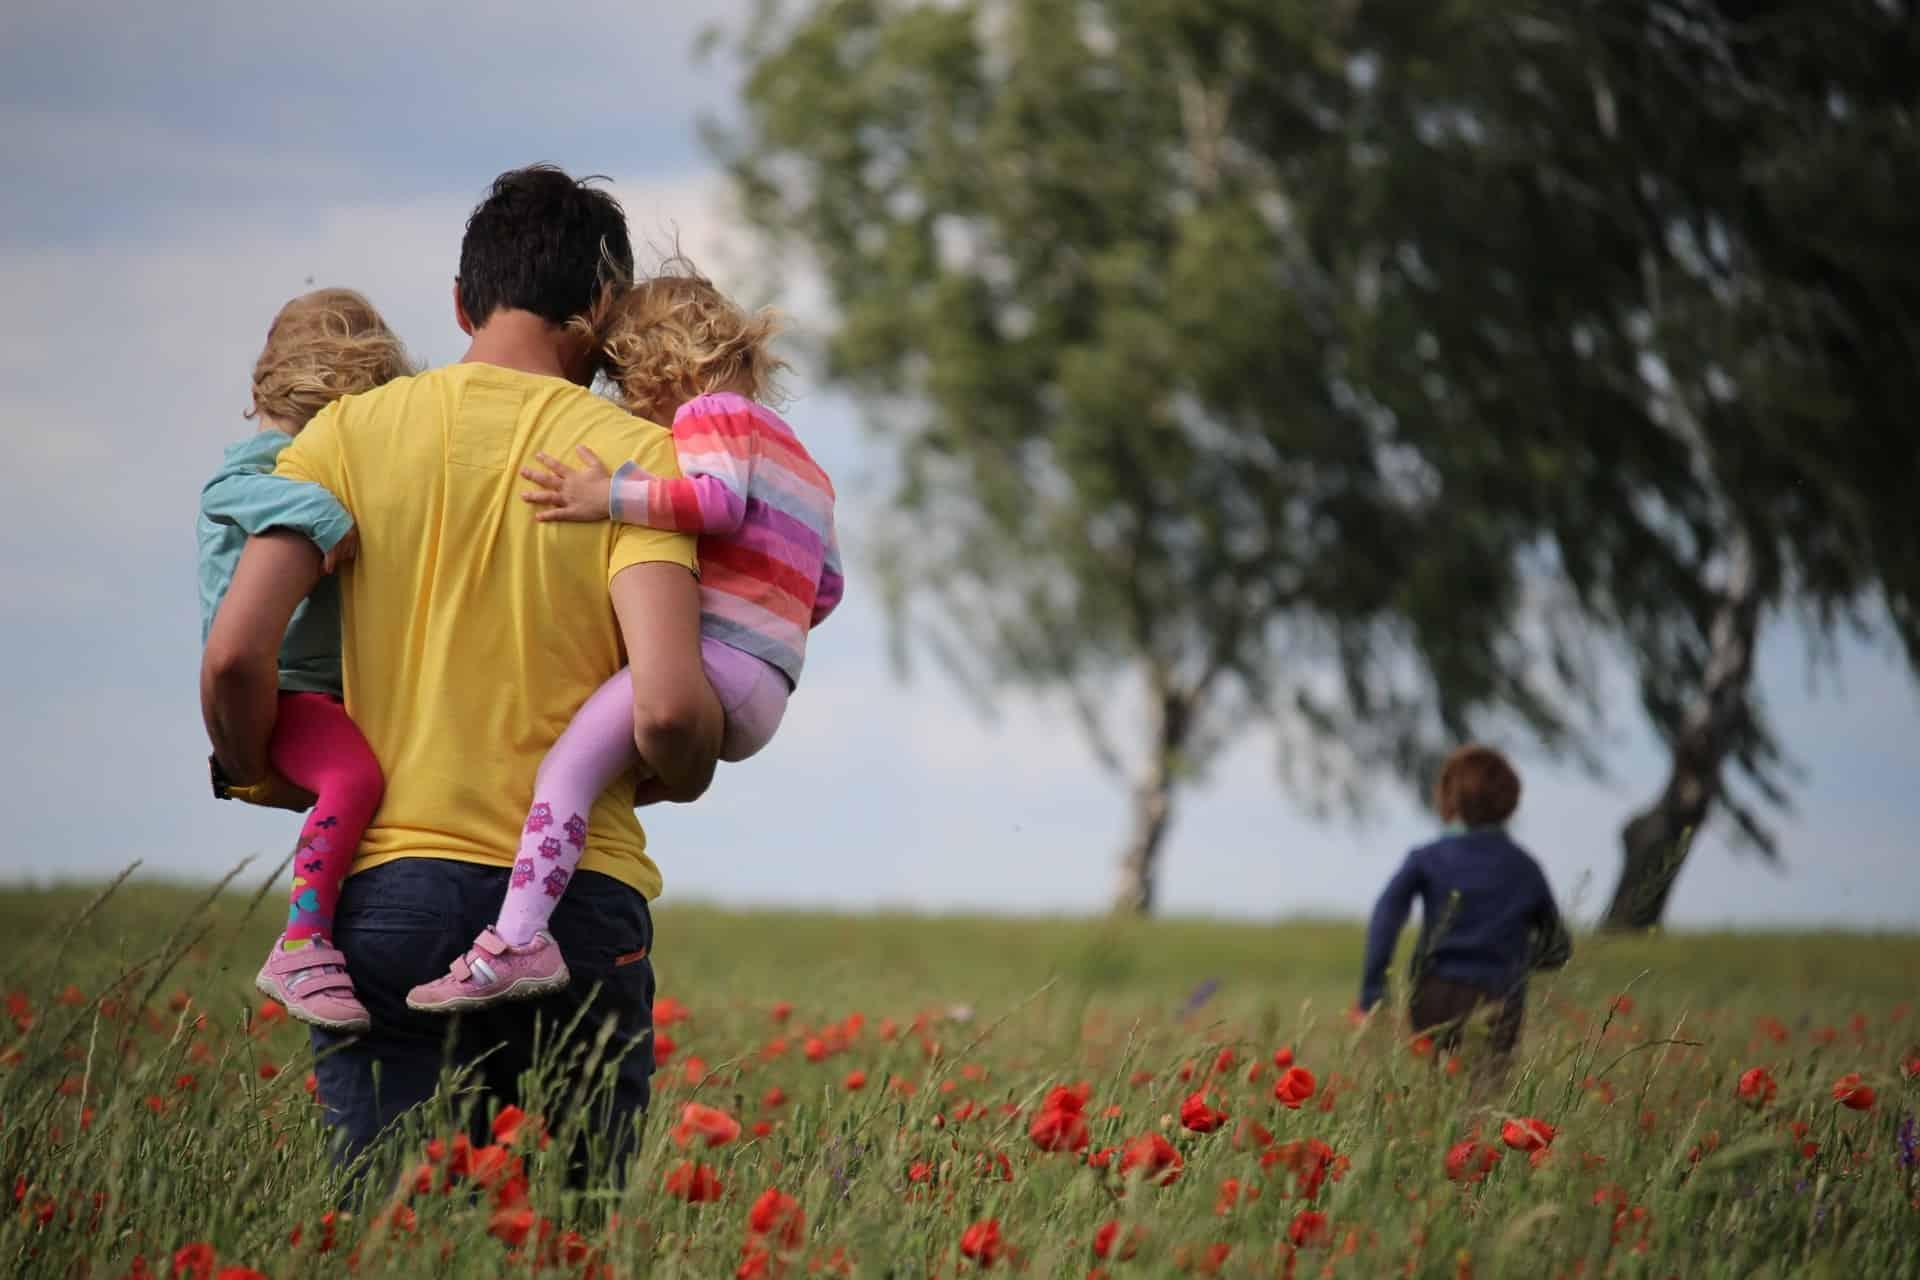 un homme transporte des enfants à travers le champ